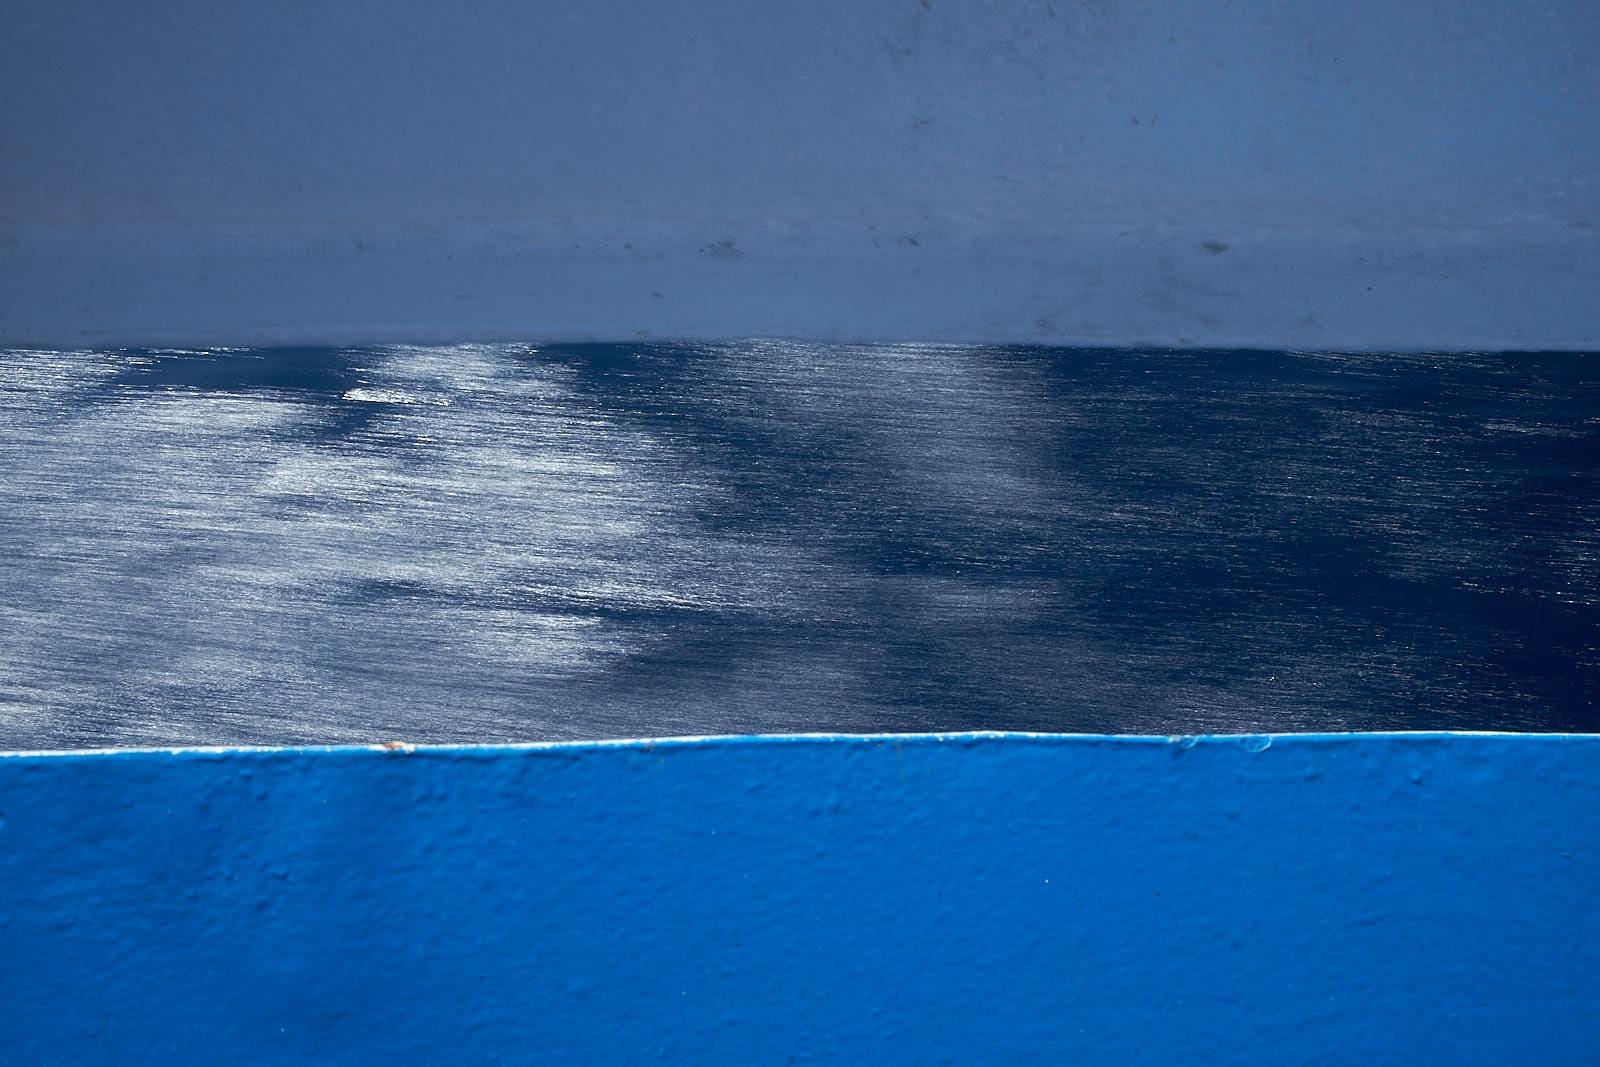 Skimming the Water by Zoran Rilak